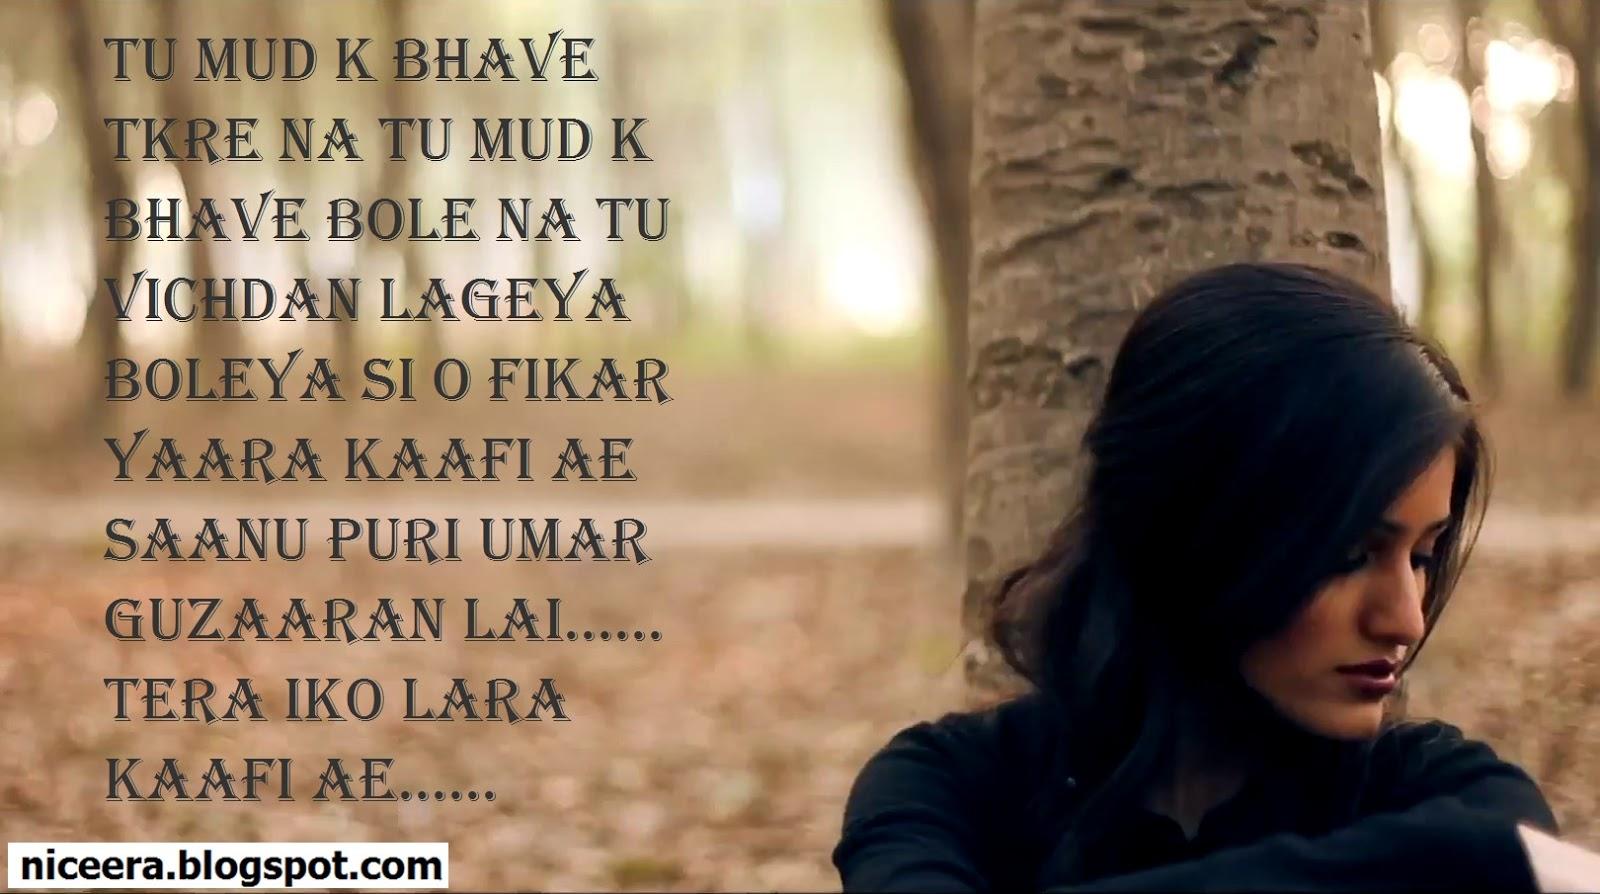 Aashiqui In Punjabi Quotes. QuotesGram